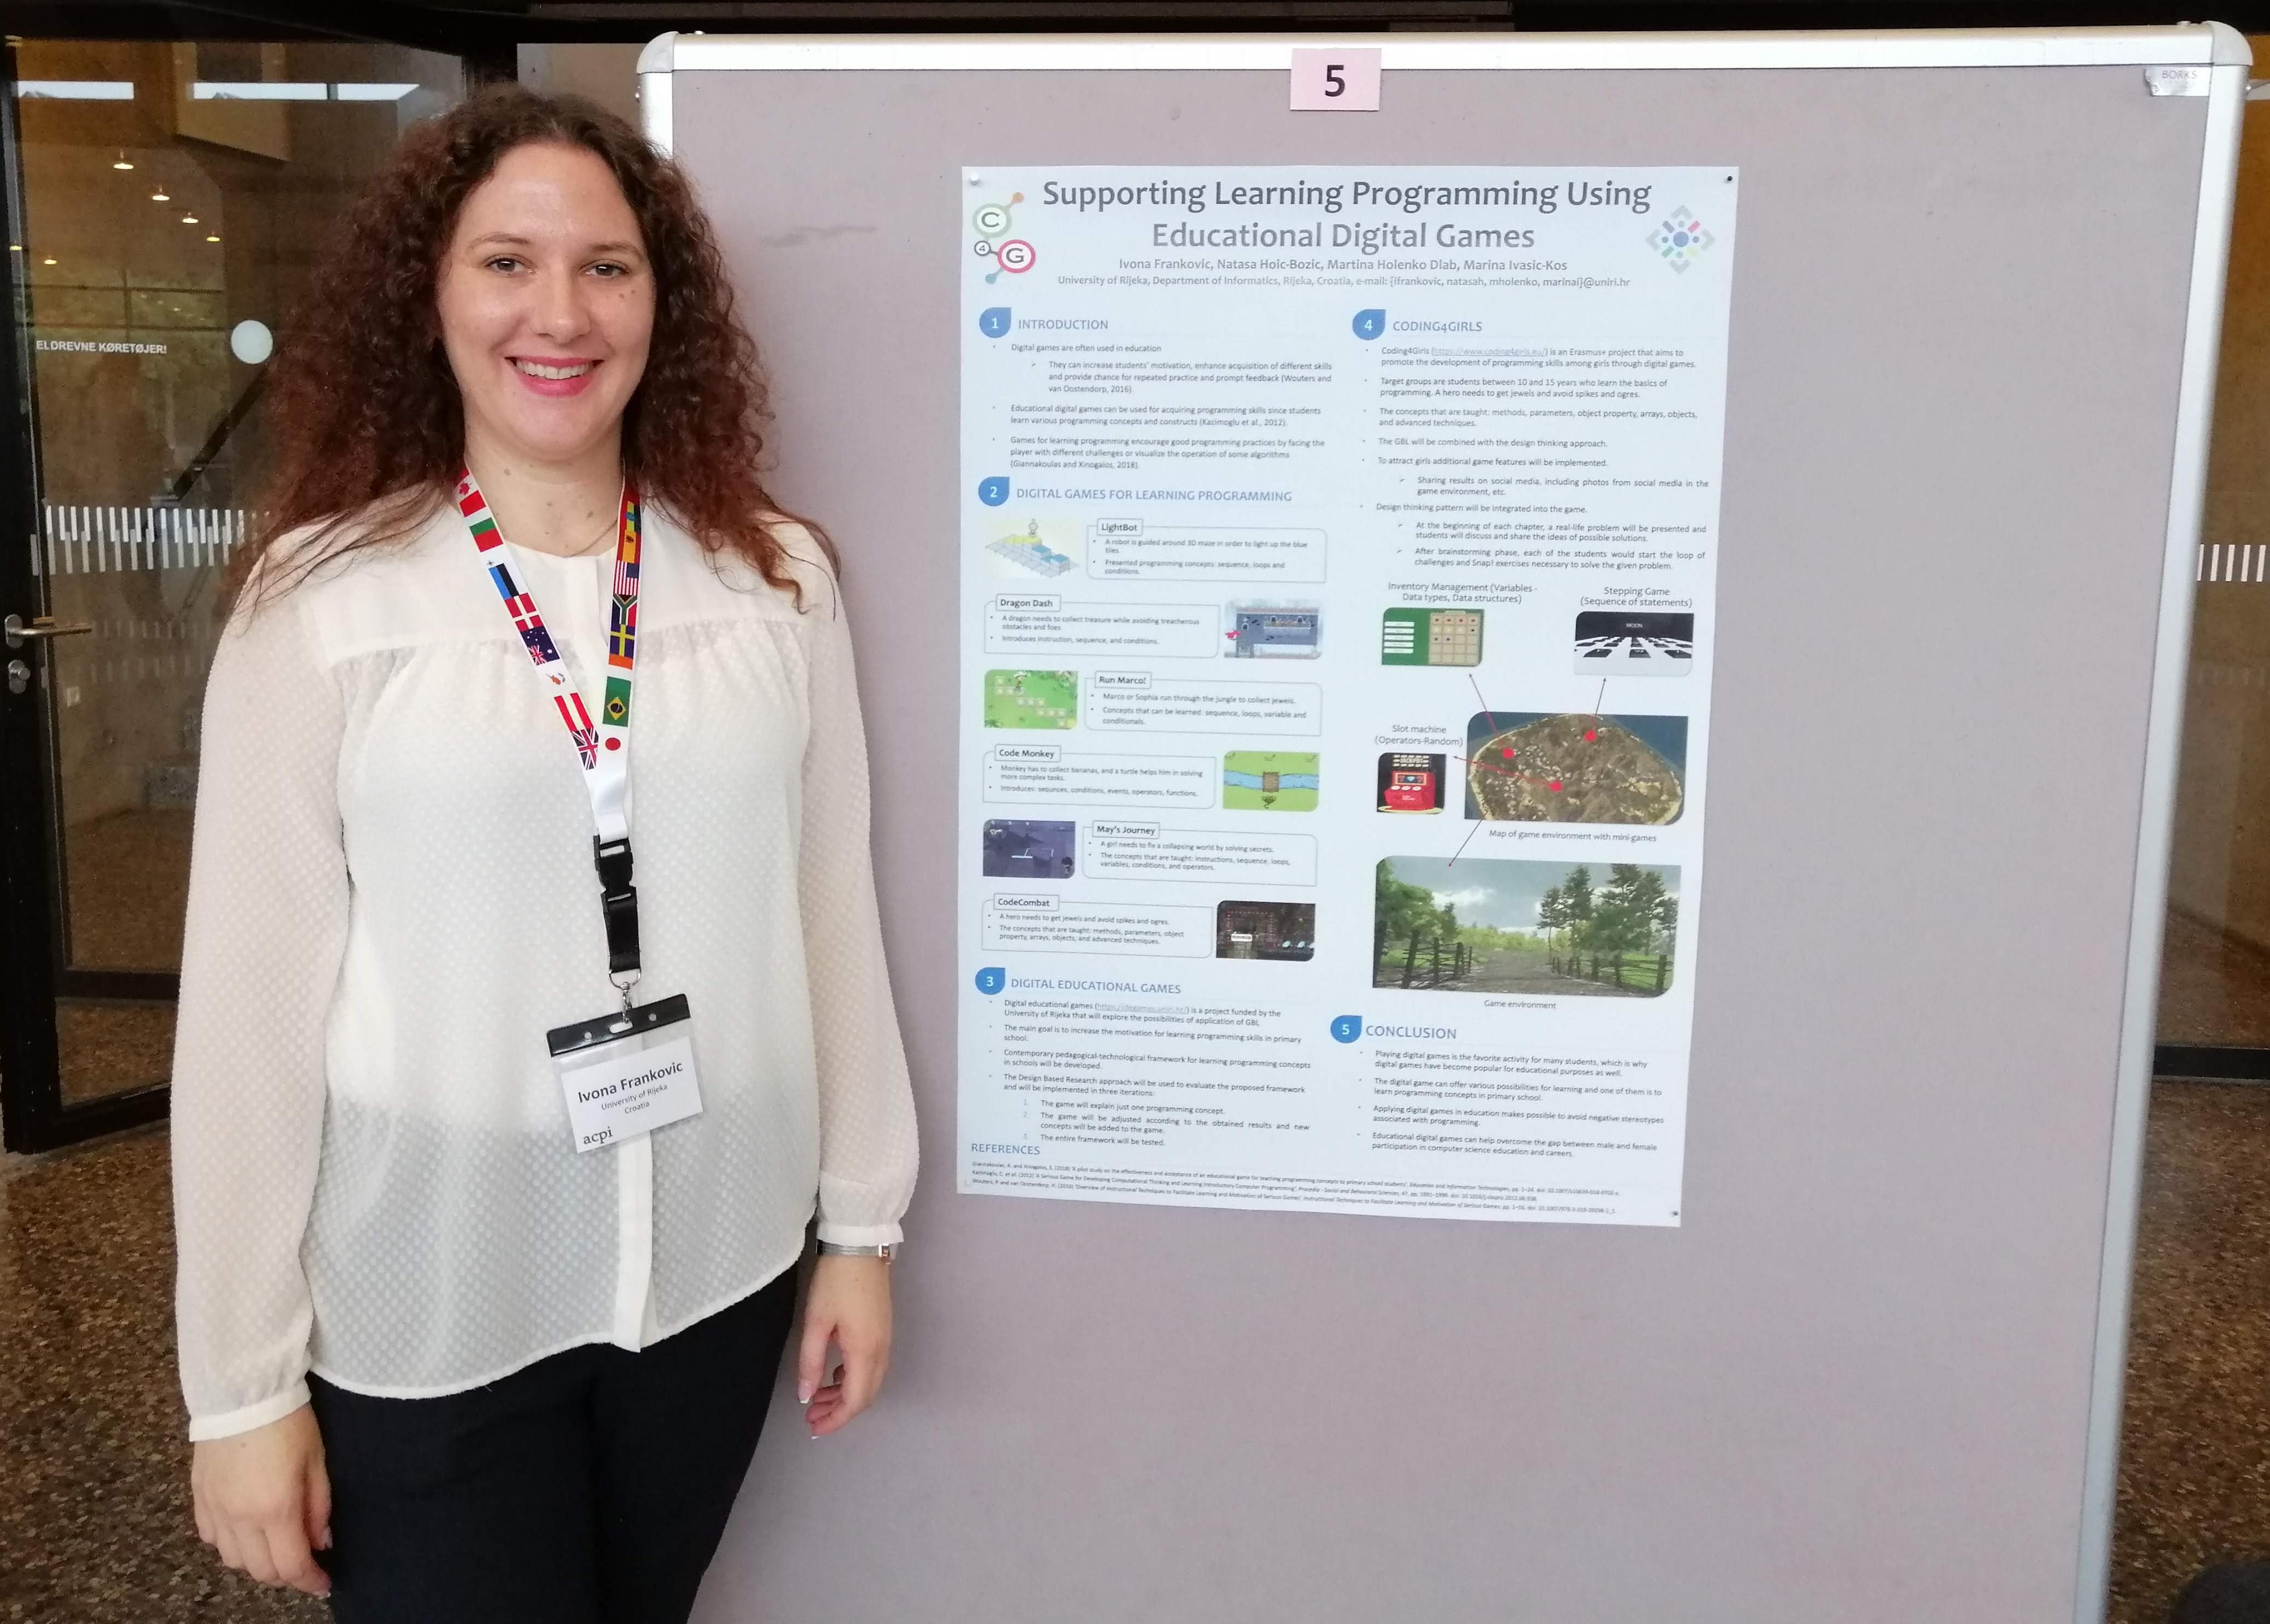 Sudjelovanje na ECGBL 2019 konferenciji